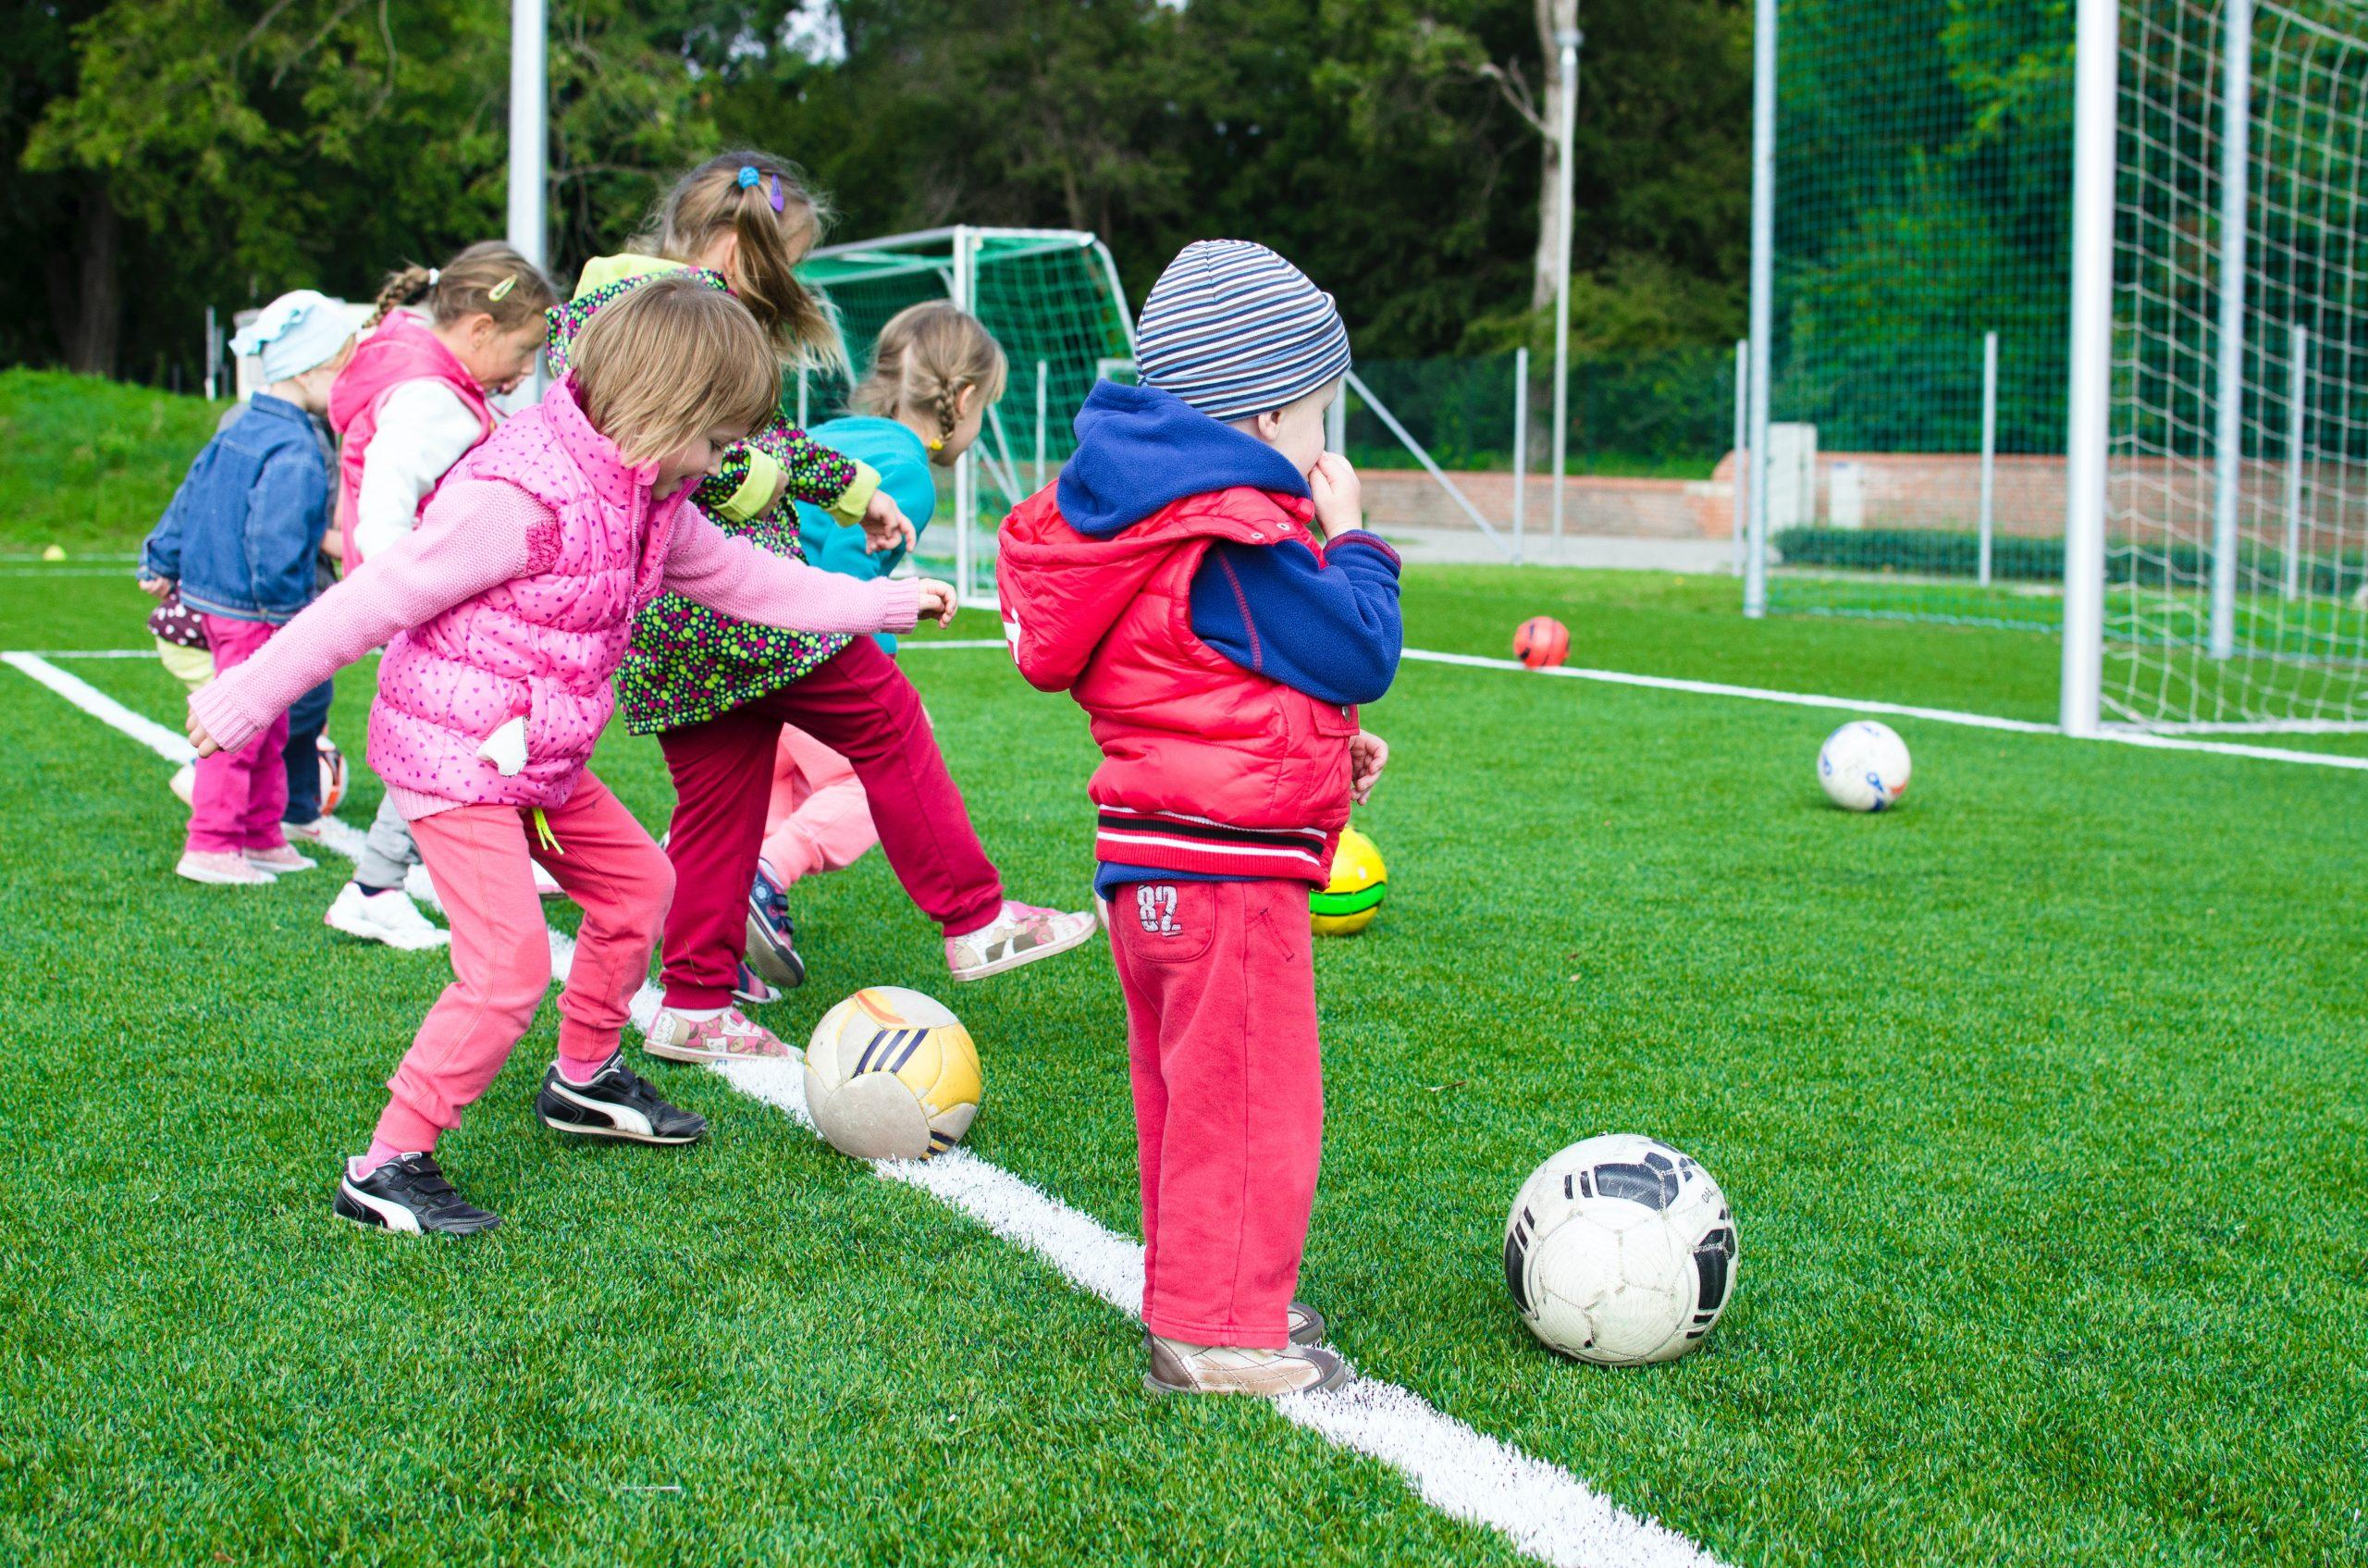 Crianças no campo de futebol jogando bola